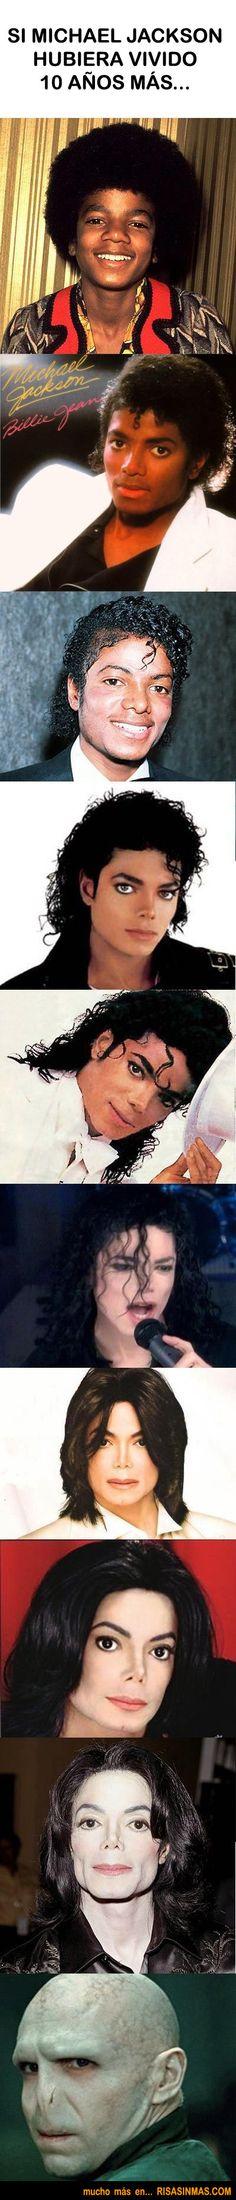 Evolución de Michael Jackson